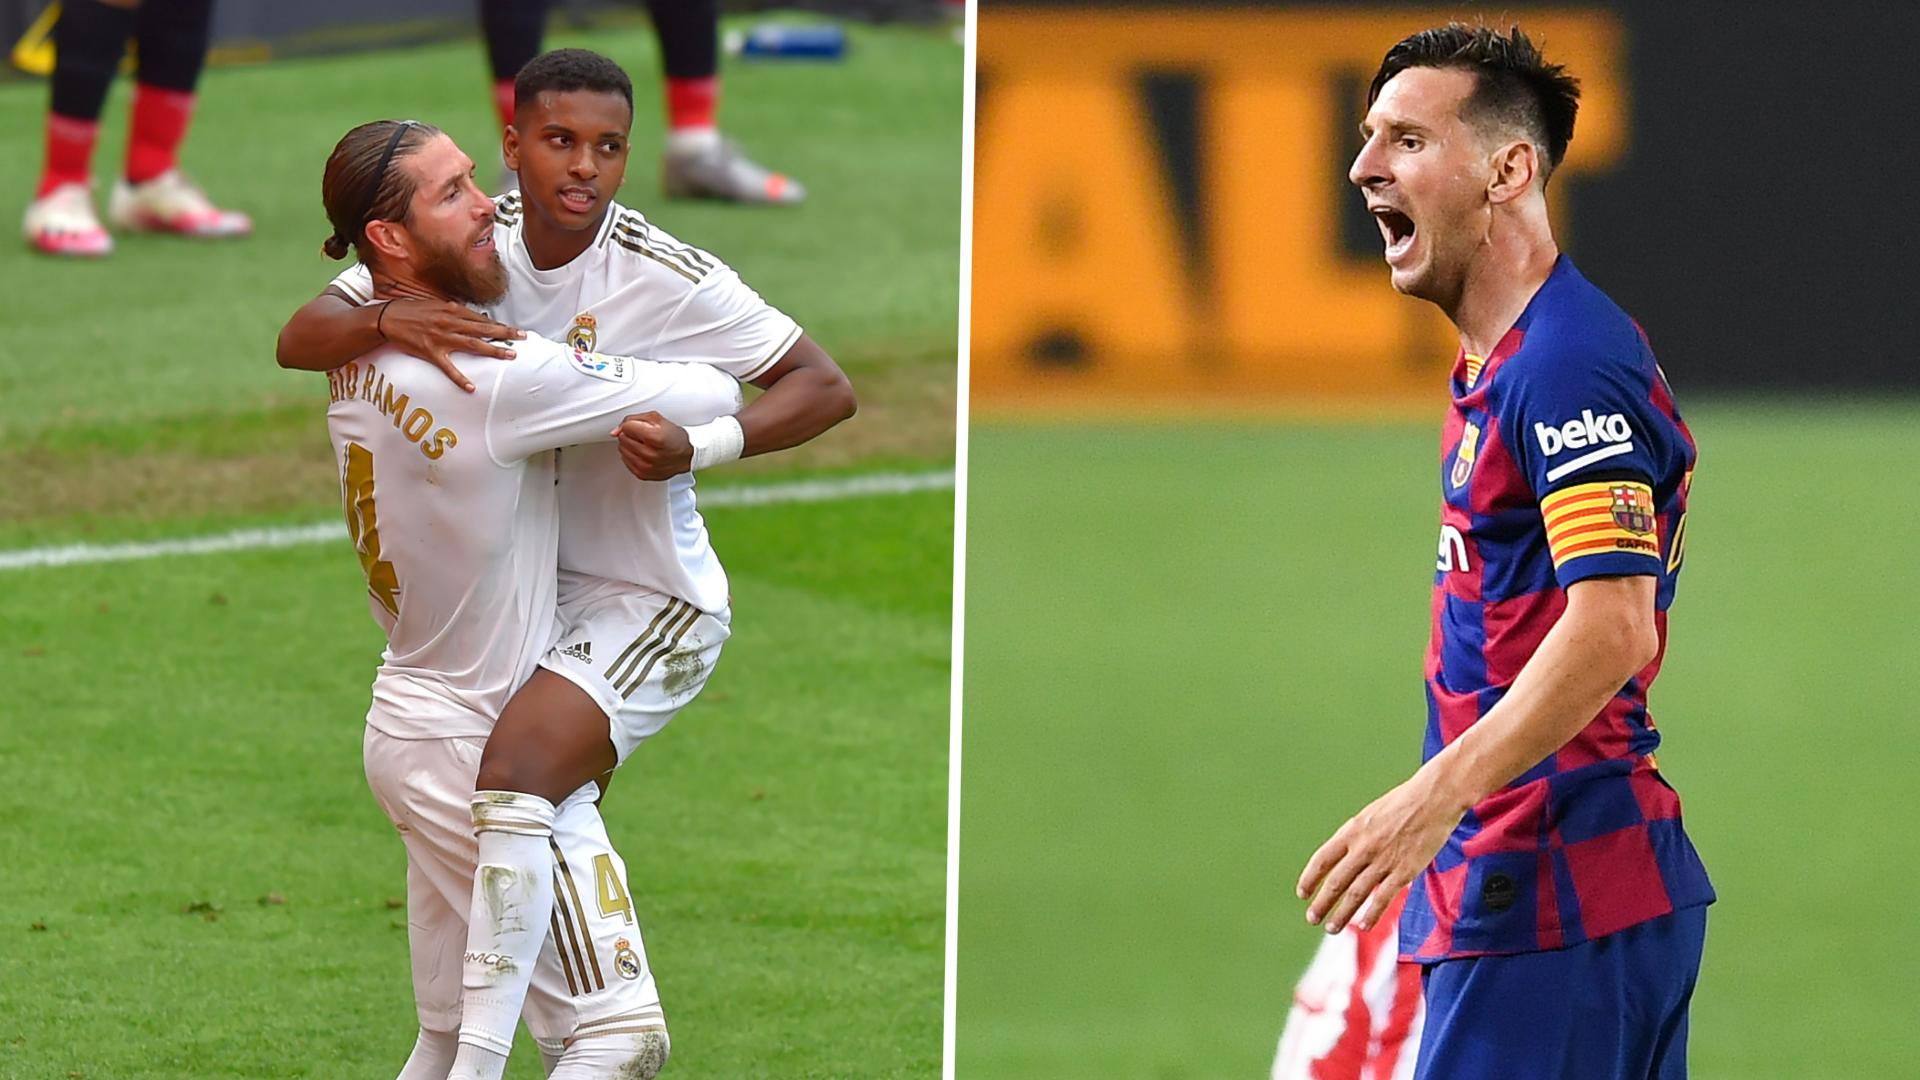 جدول مباريات الدوري الإسباني الجولة 37 القنوات الناقلة والترتيب